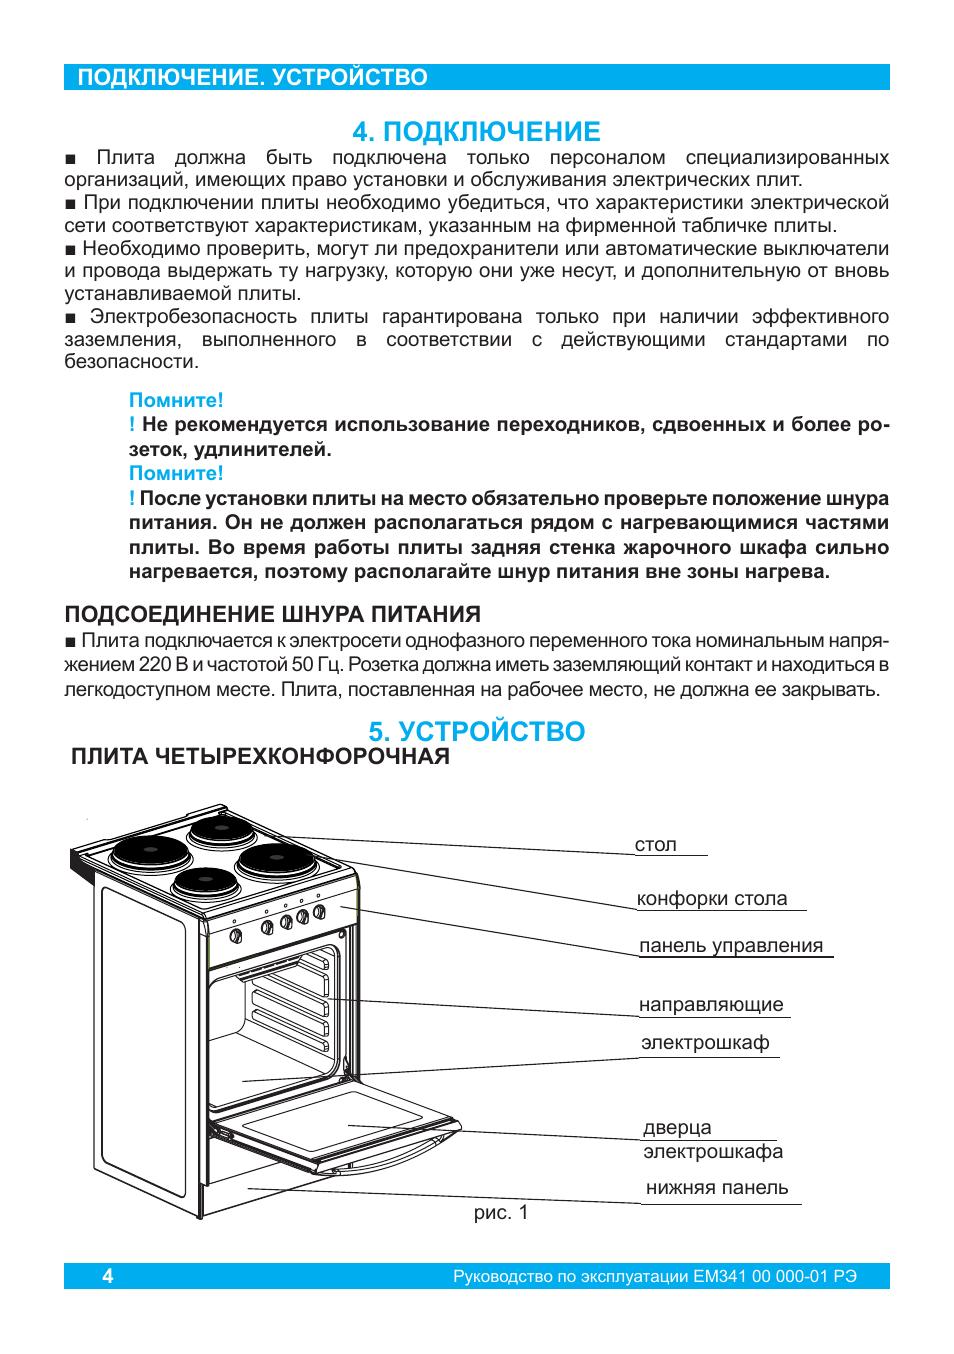 электроплита дарина инструкция по эксплуатации